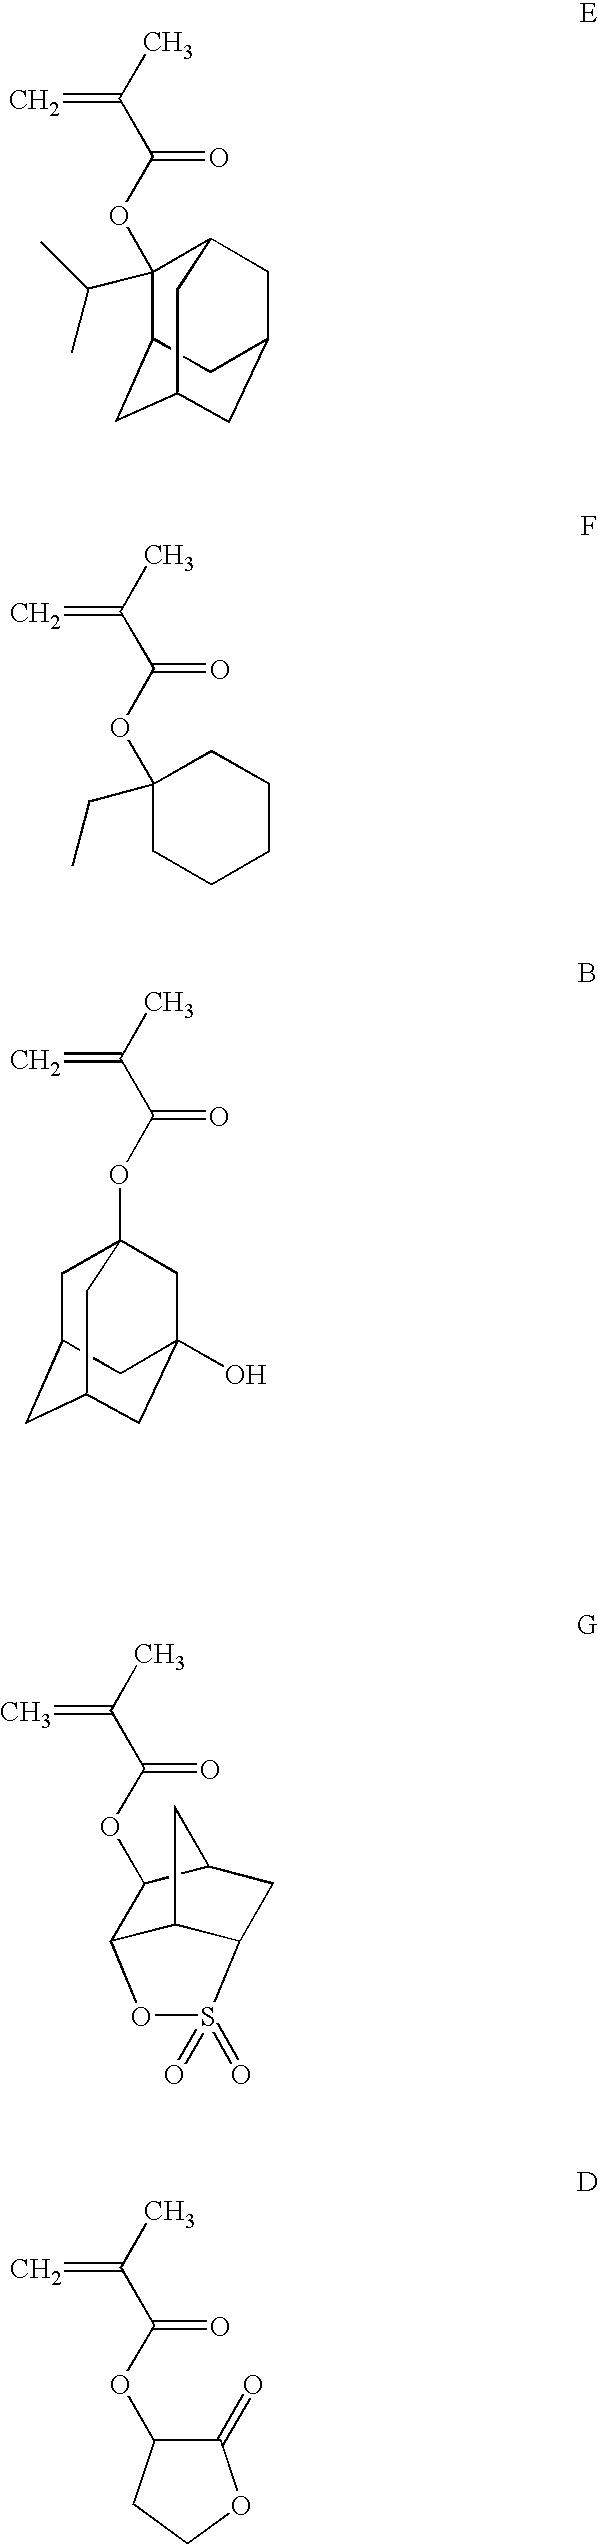 Figure US20100323296A1-20101223-C00183